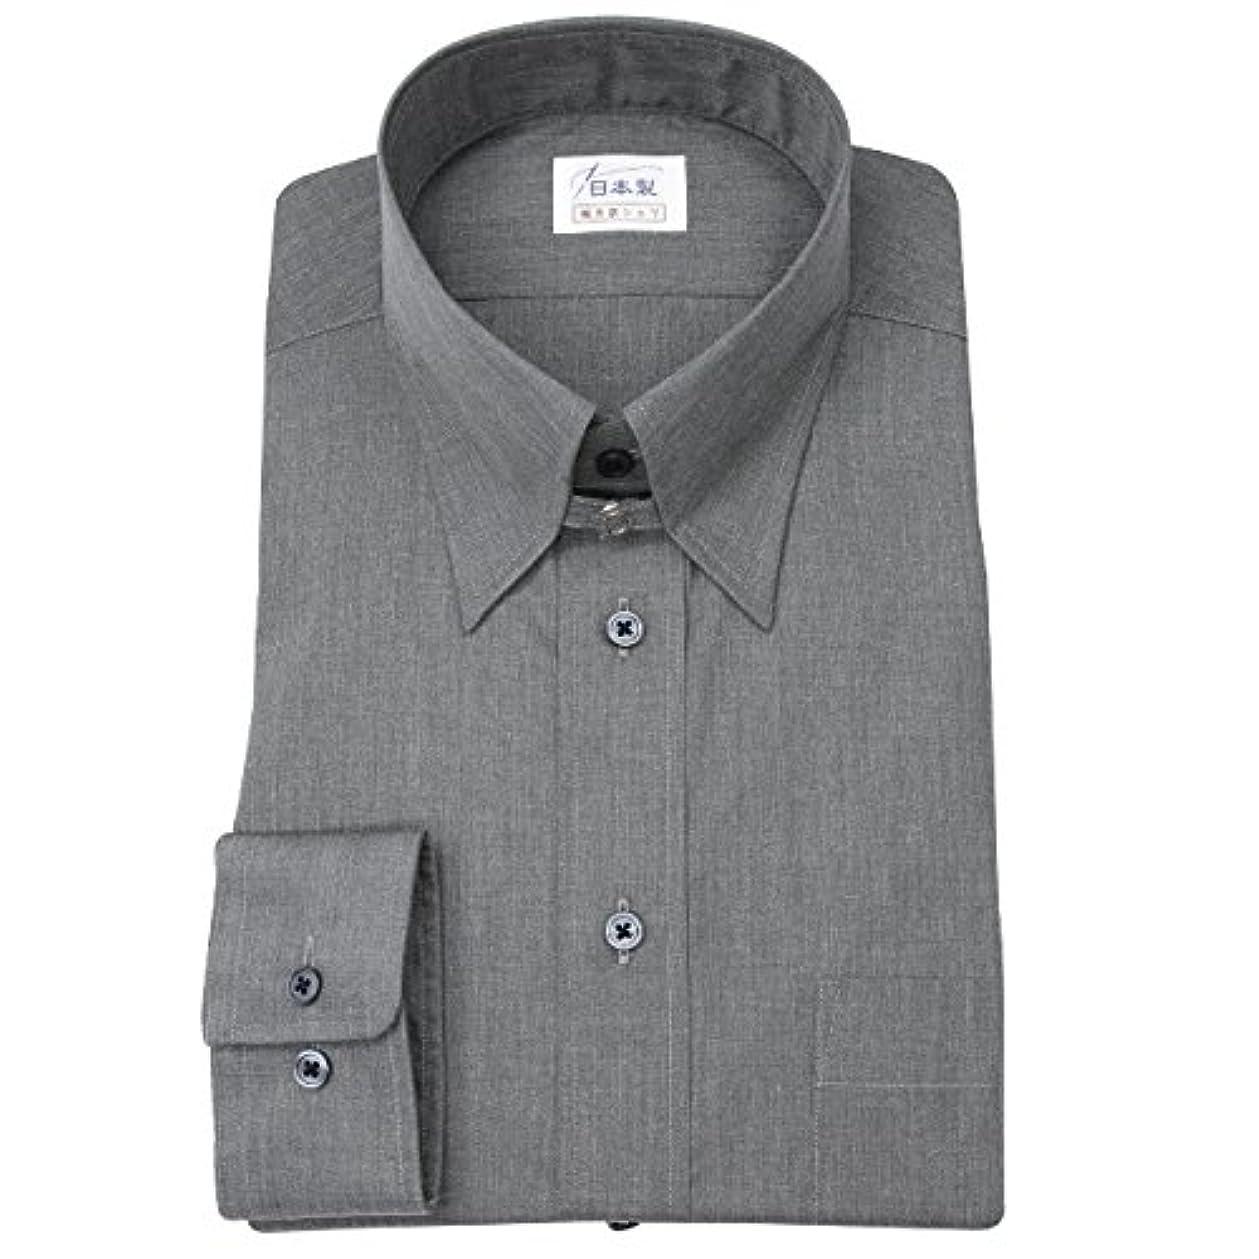 しわ罪悪感多数のワイシャツ メンズ長袖(ドレスシャツ)タブカラー ダークグレー 軽井沢シャツ [A10KZZT15]